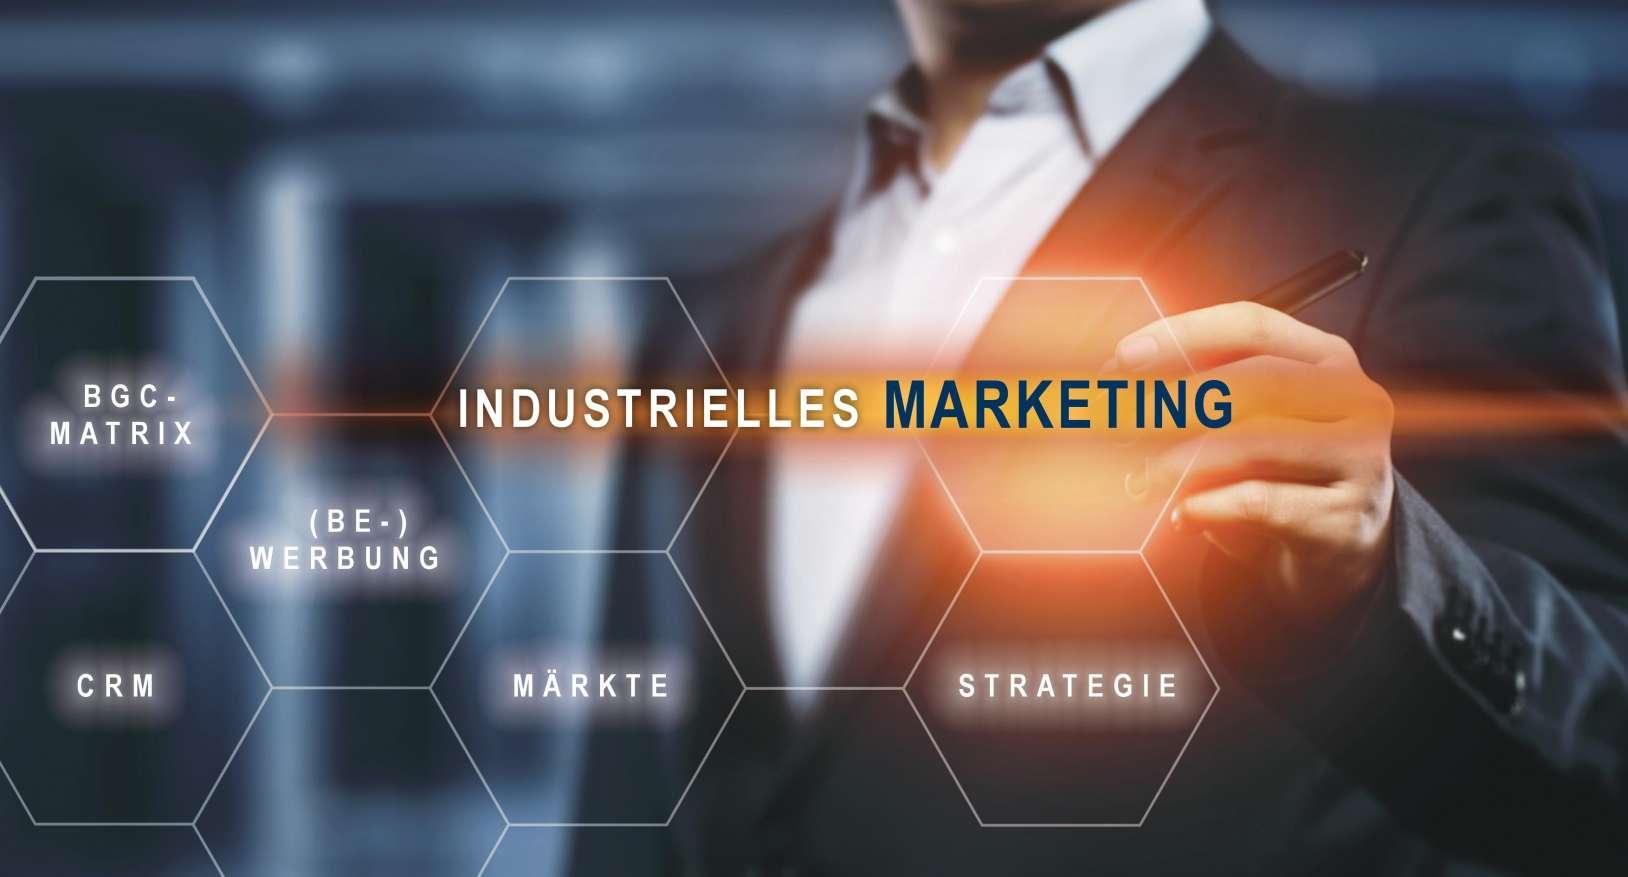 Mit Hilfe des Industriellen Marketing Produkte richtig positionieren, Kunden adressieren und Erfolge erzielen